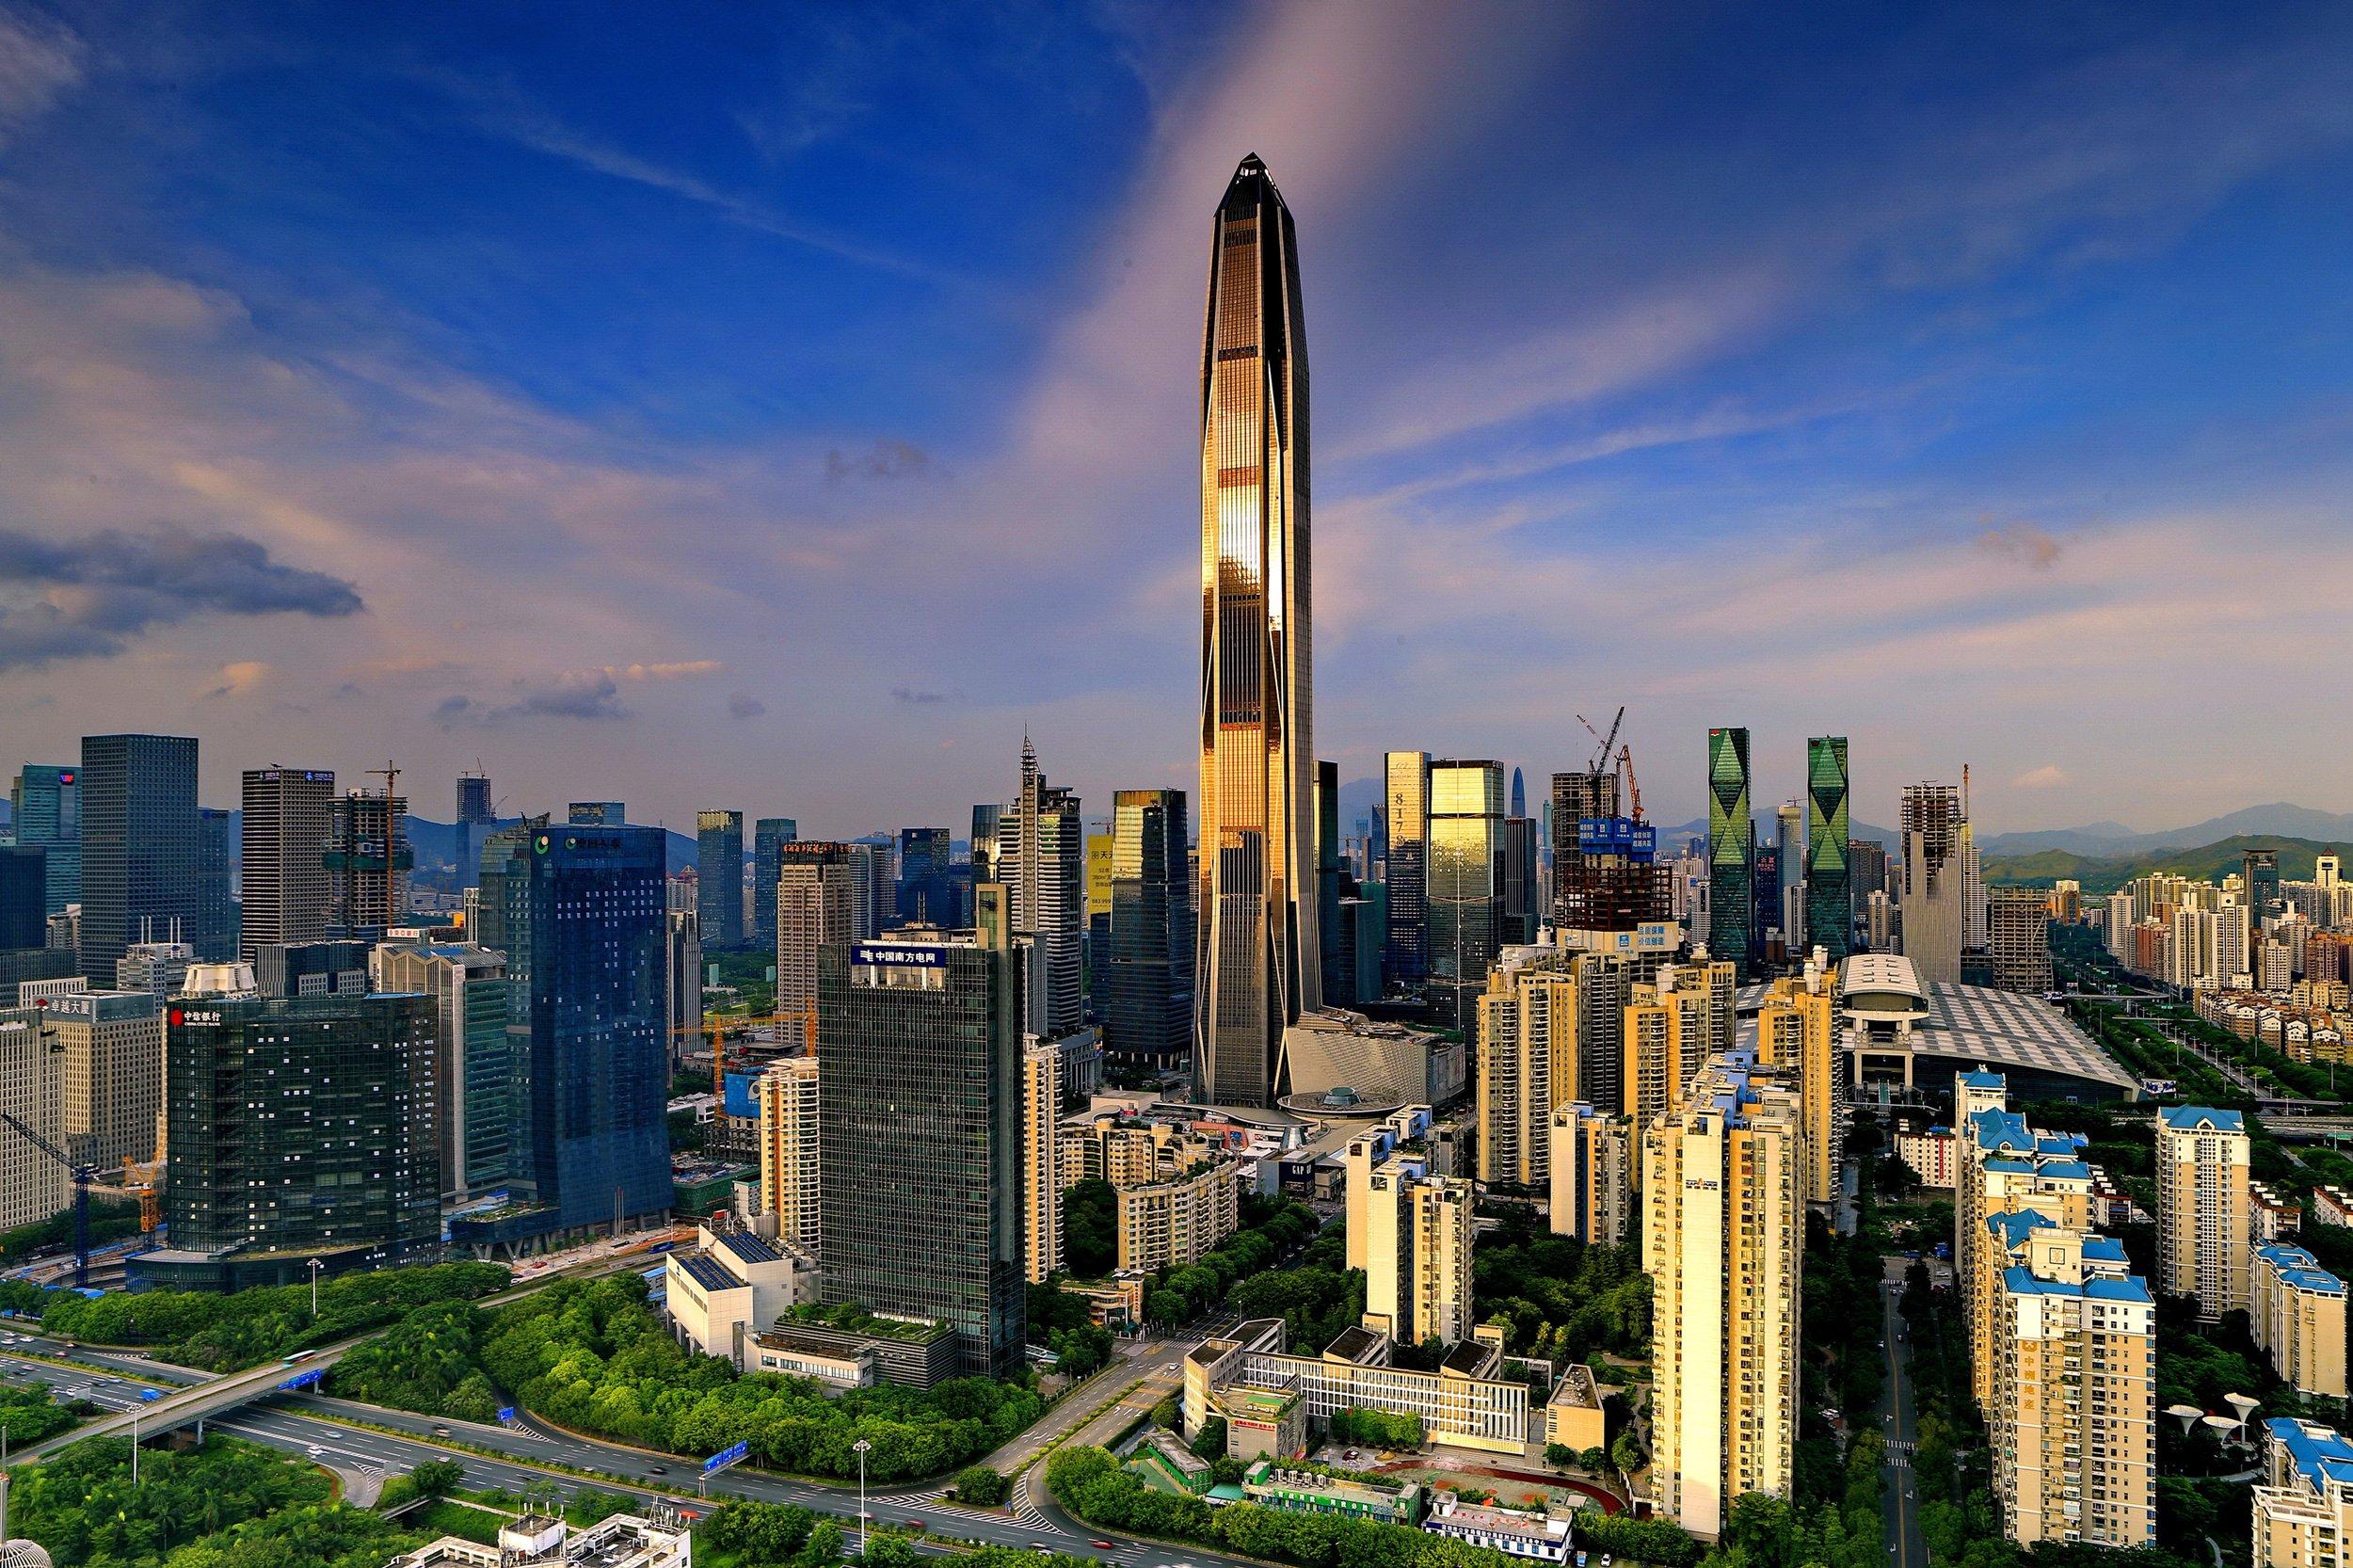 中国平安(601318.SH/2318.HK)披露一季度业绩:利空或已出尽,有望迎来盈利估值双击